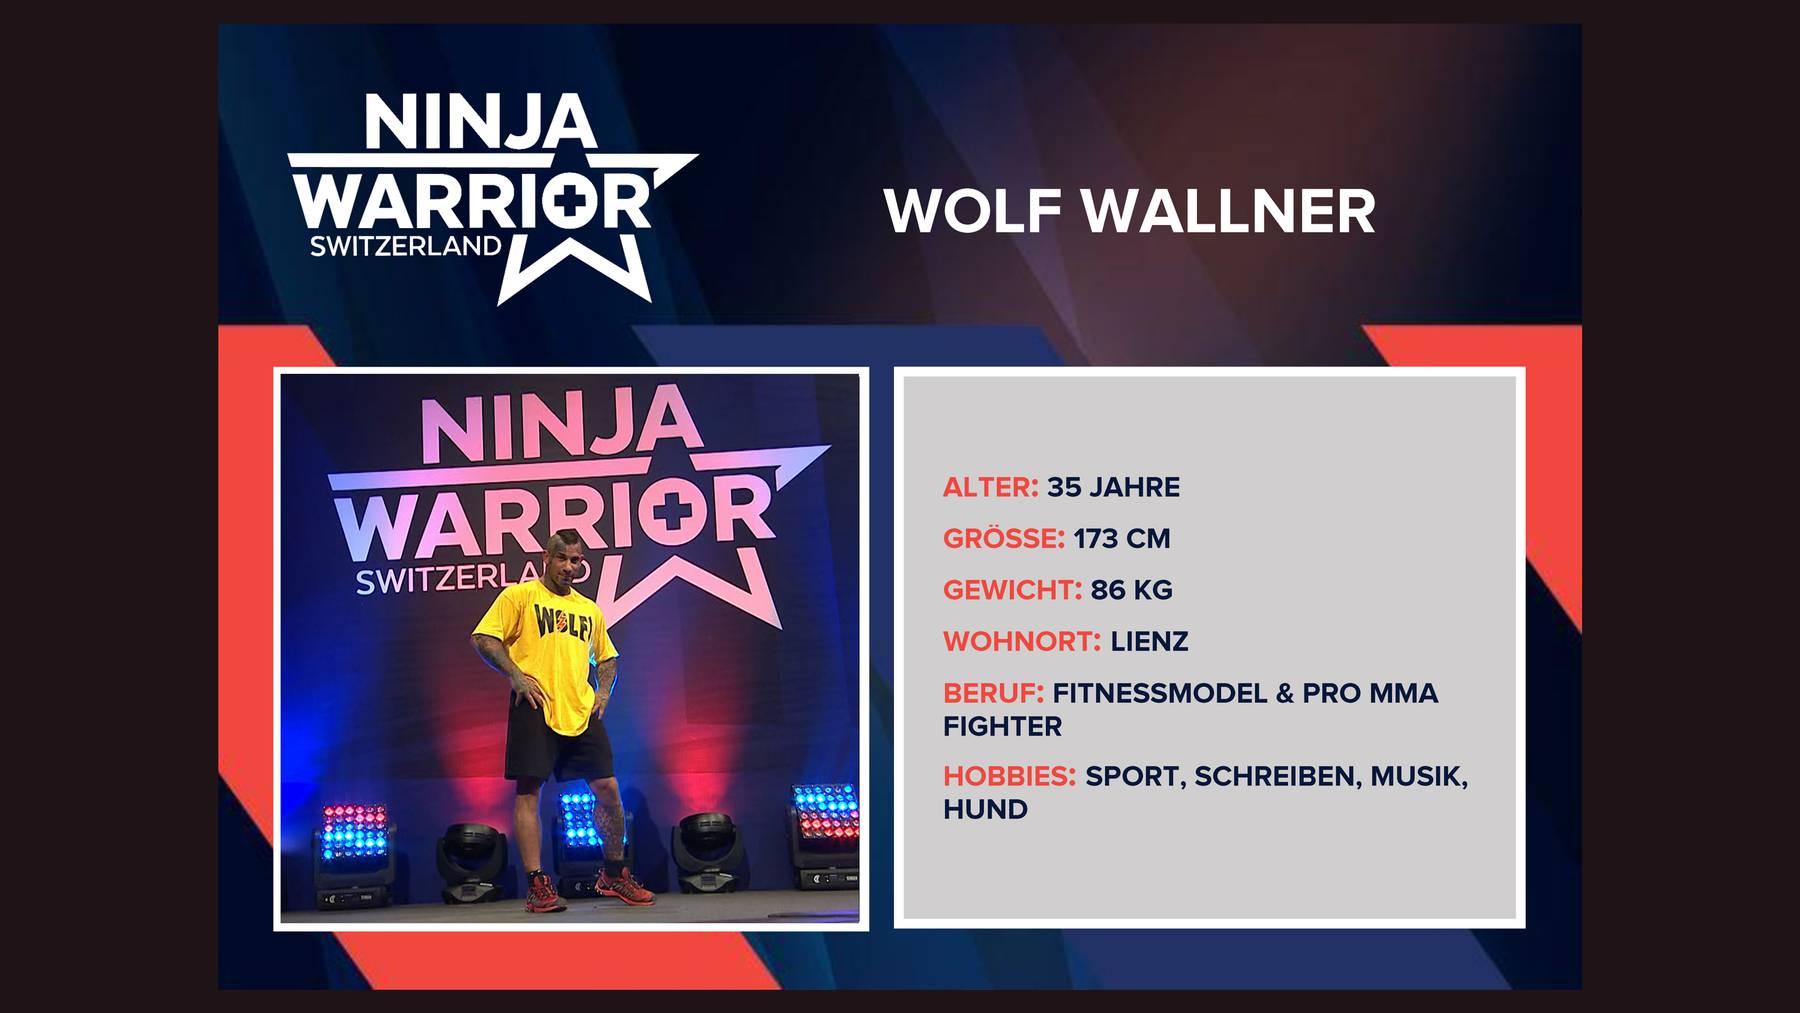 Wolf Wallner